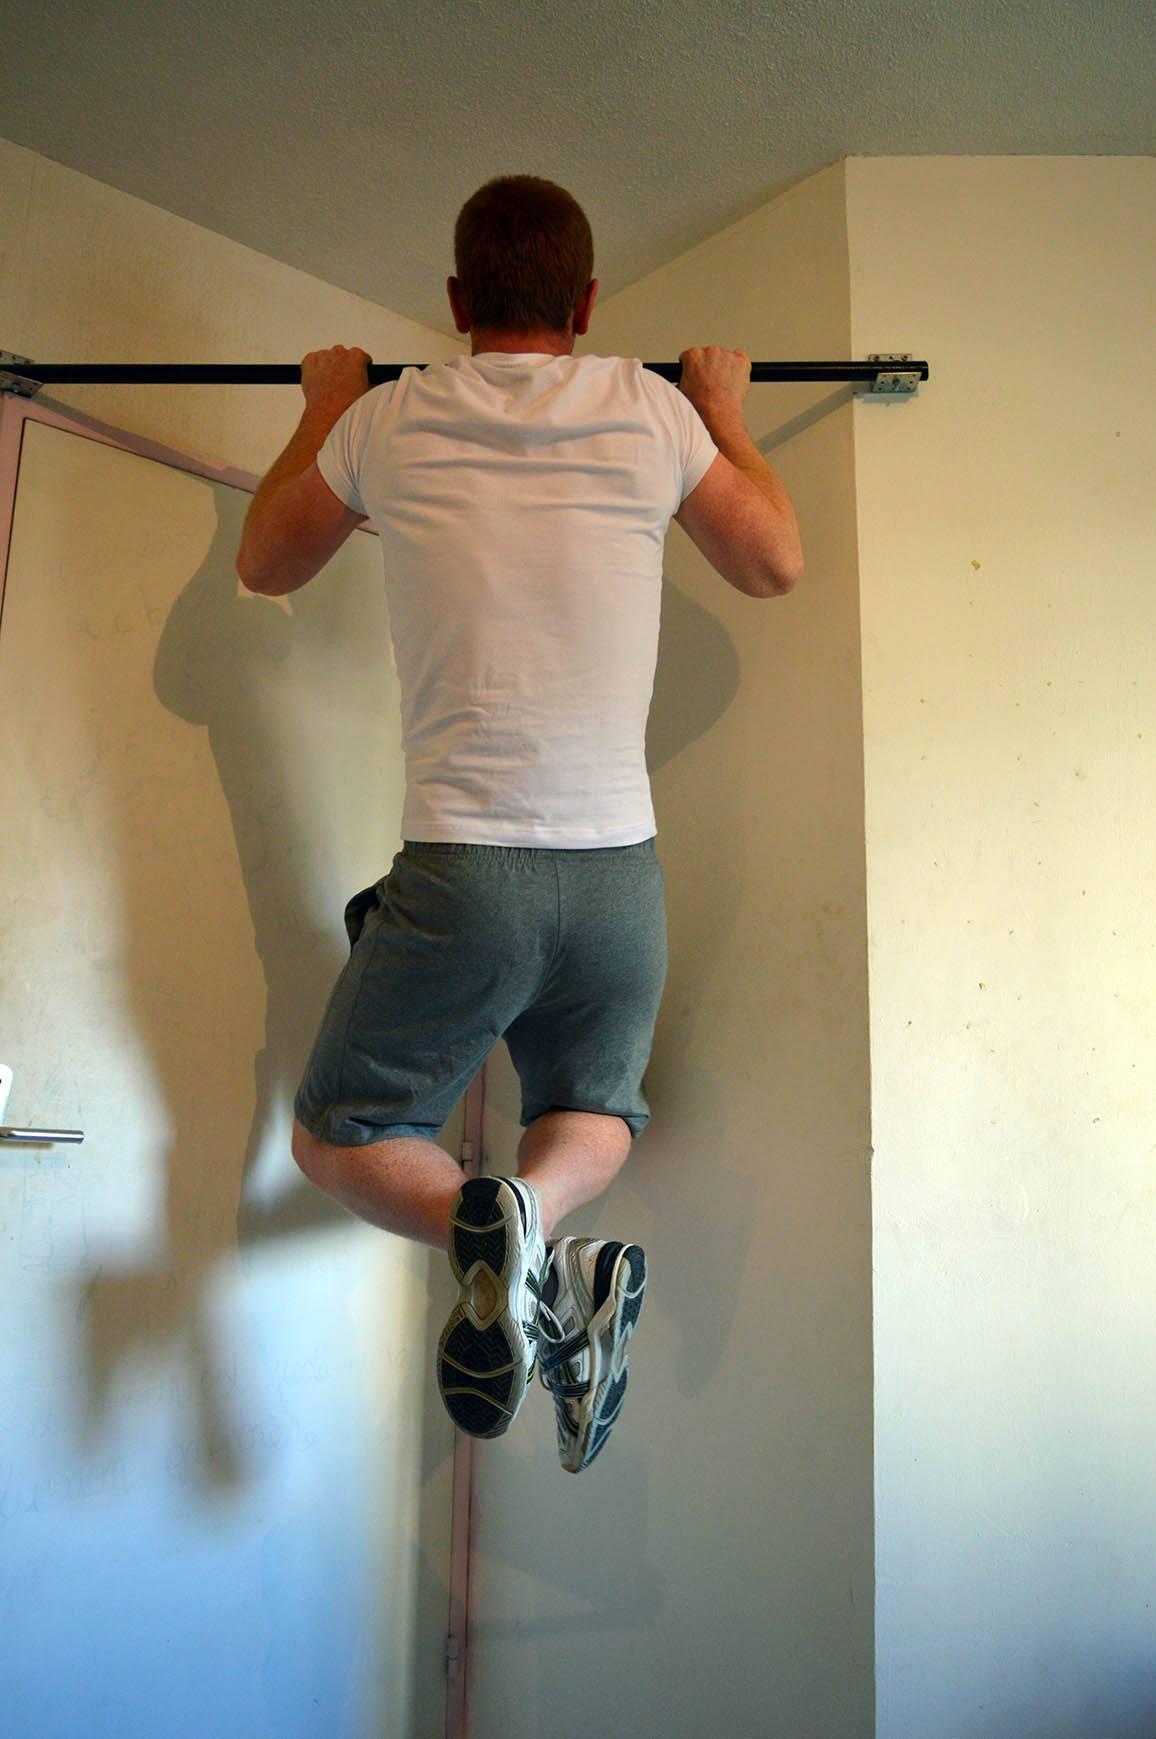 Programme musculation maison pour débutant - Traction 2